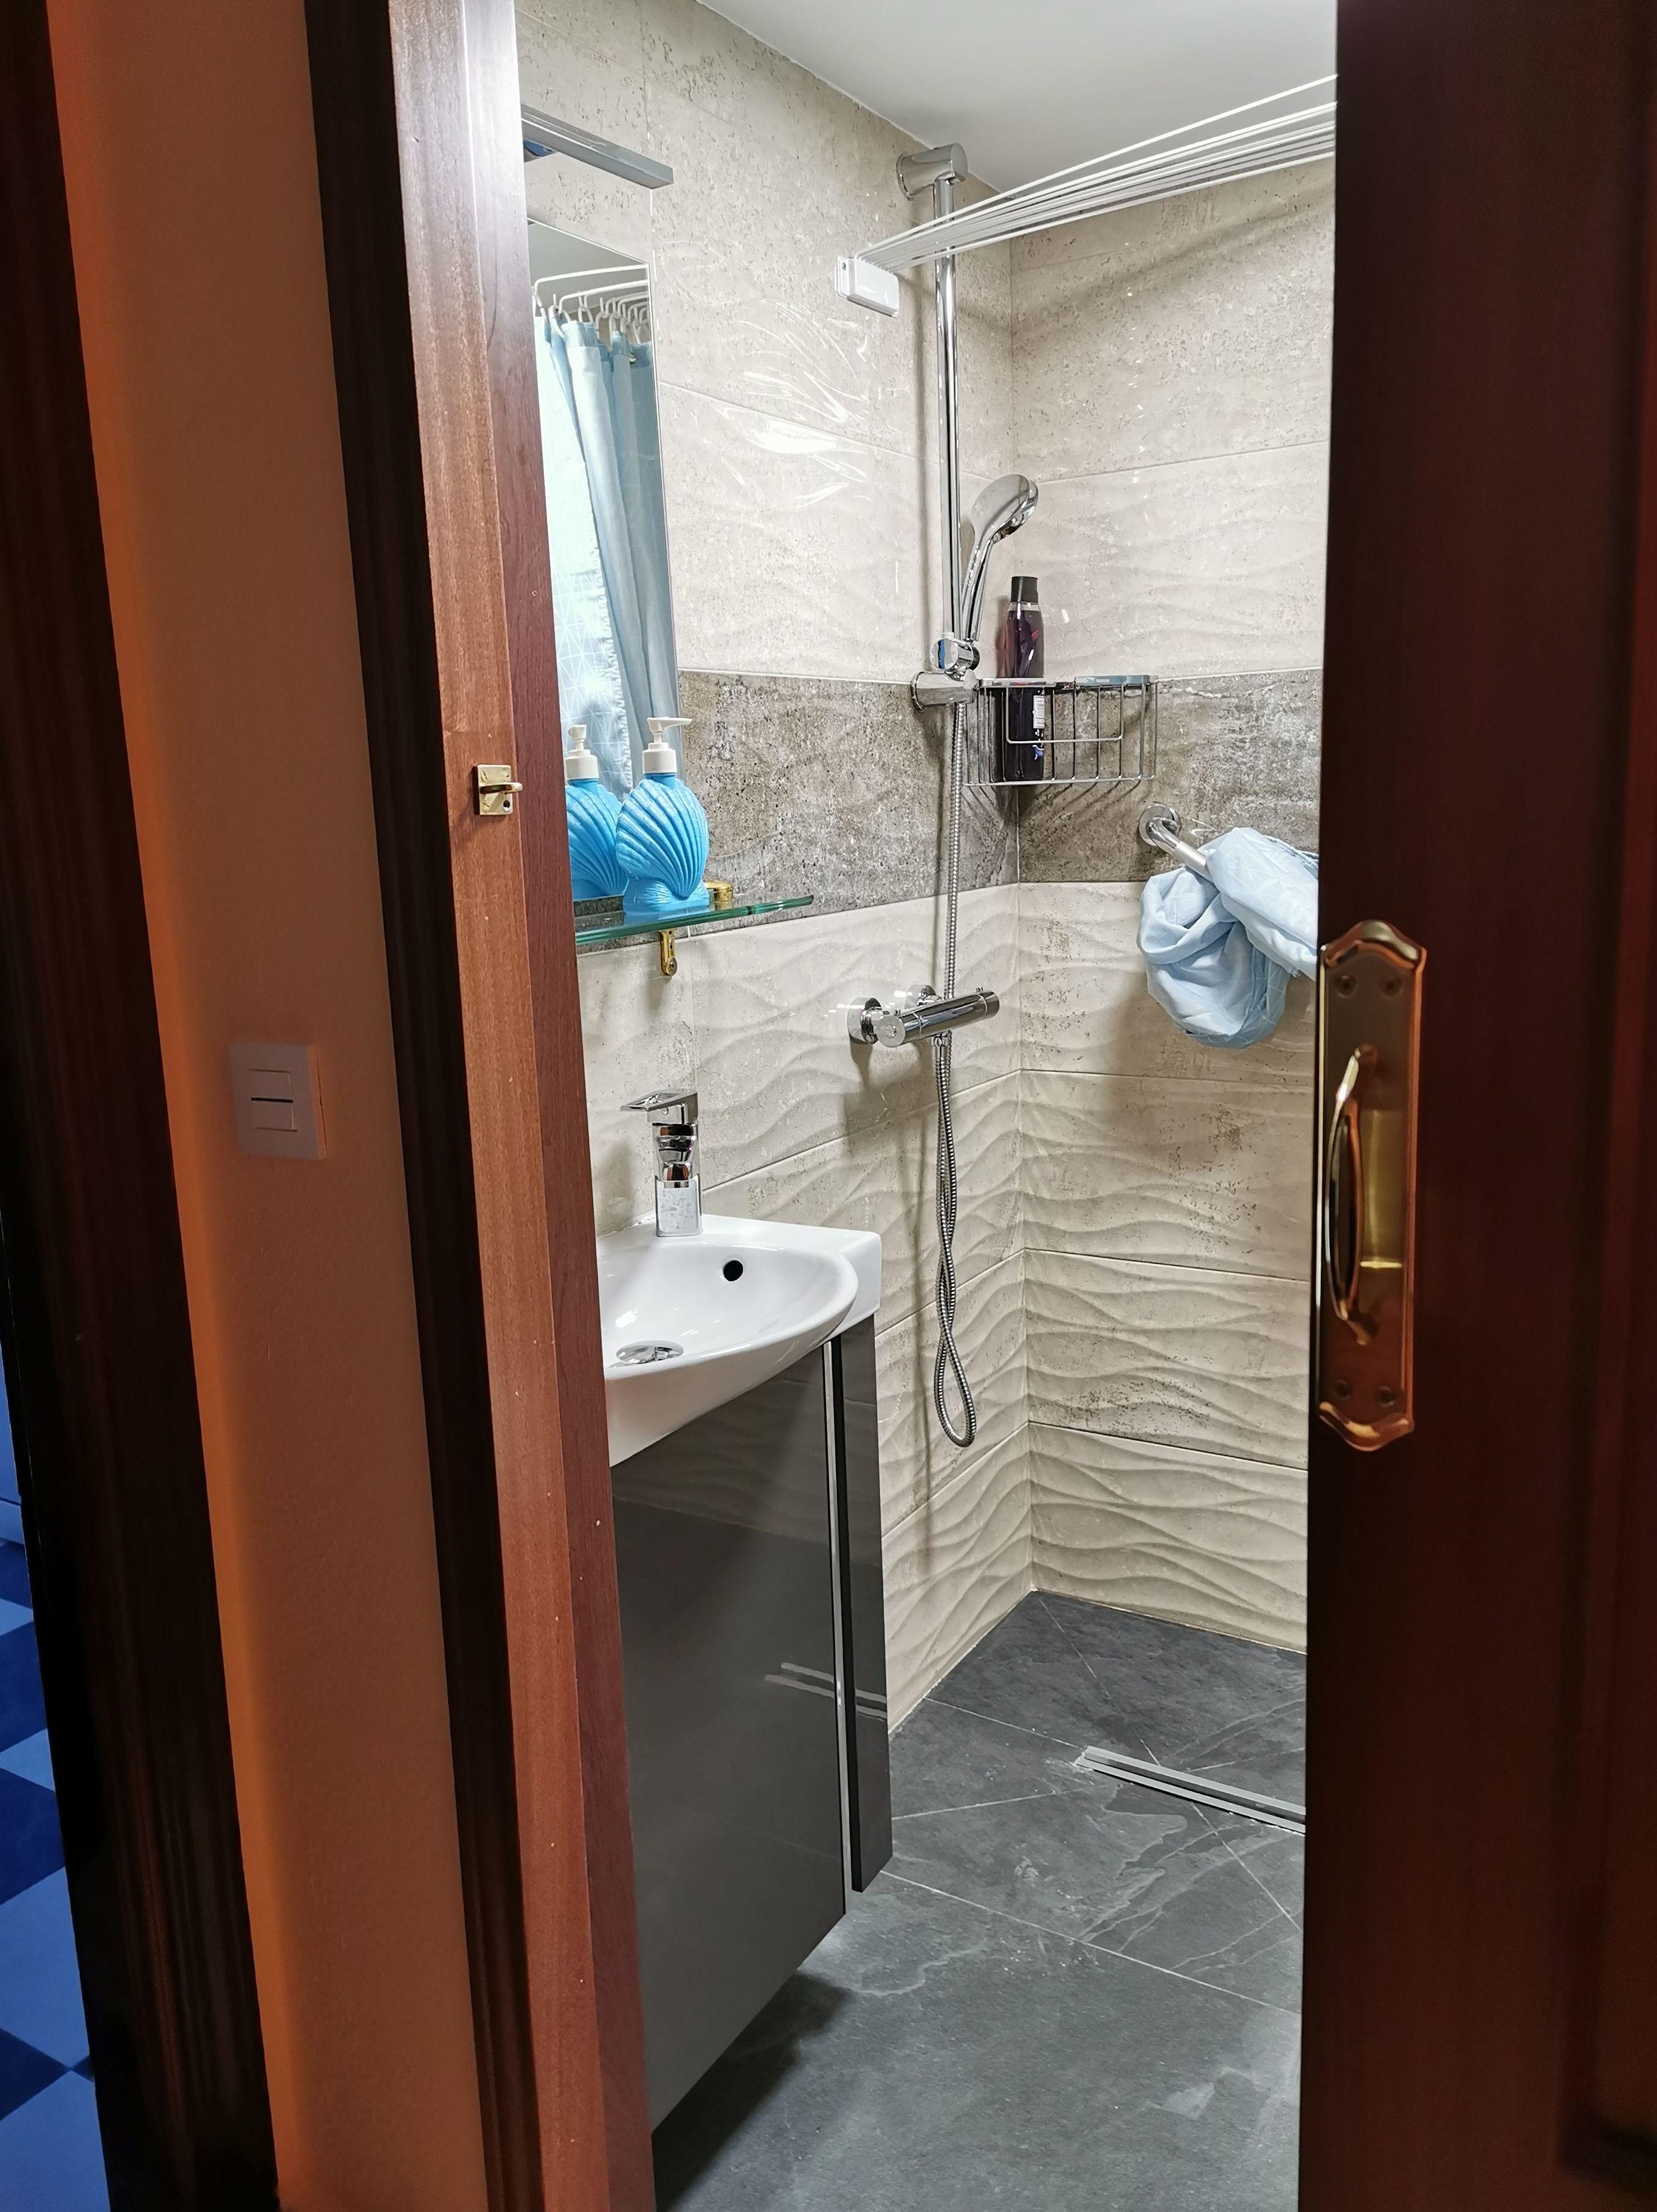 Foto 16 de Reformas en baños y cocinas en Trobajo del Camino | F. Alba, cocinas y baños